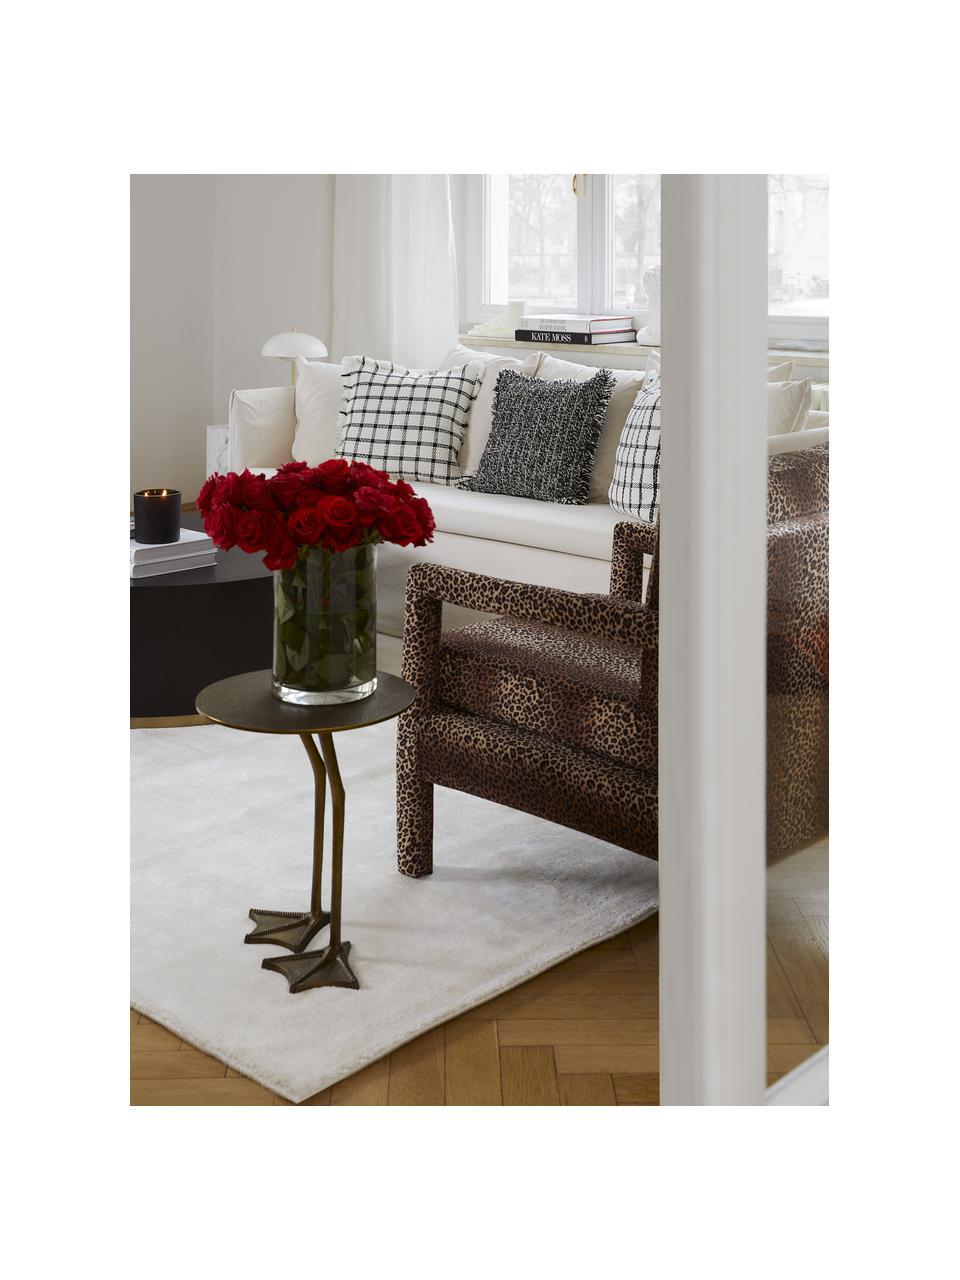 Třpytivý viskózový koberec v prémiové kvalitě Grace, extra měkký, Krémově bílá